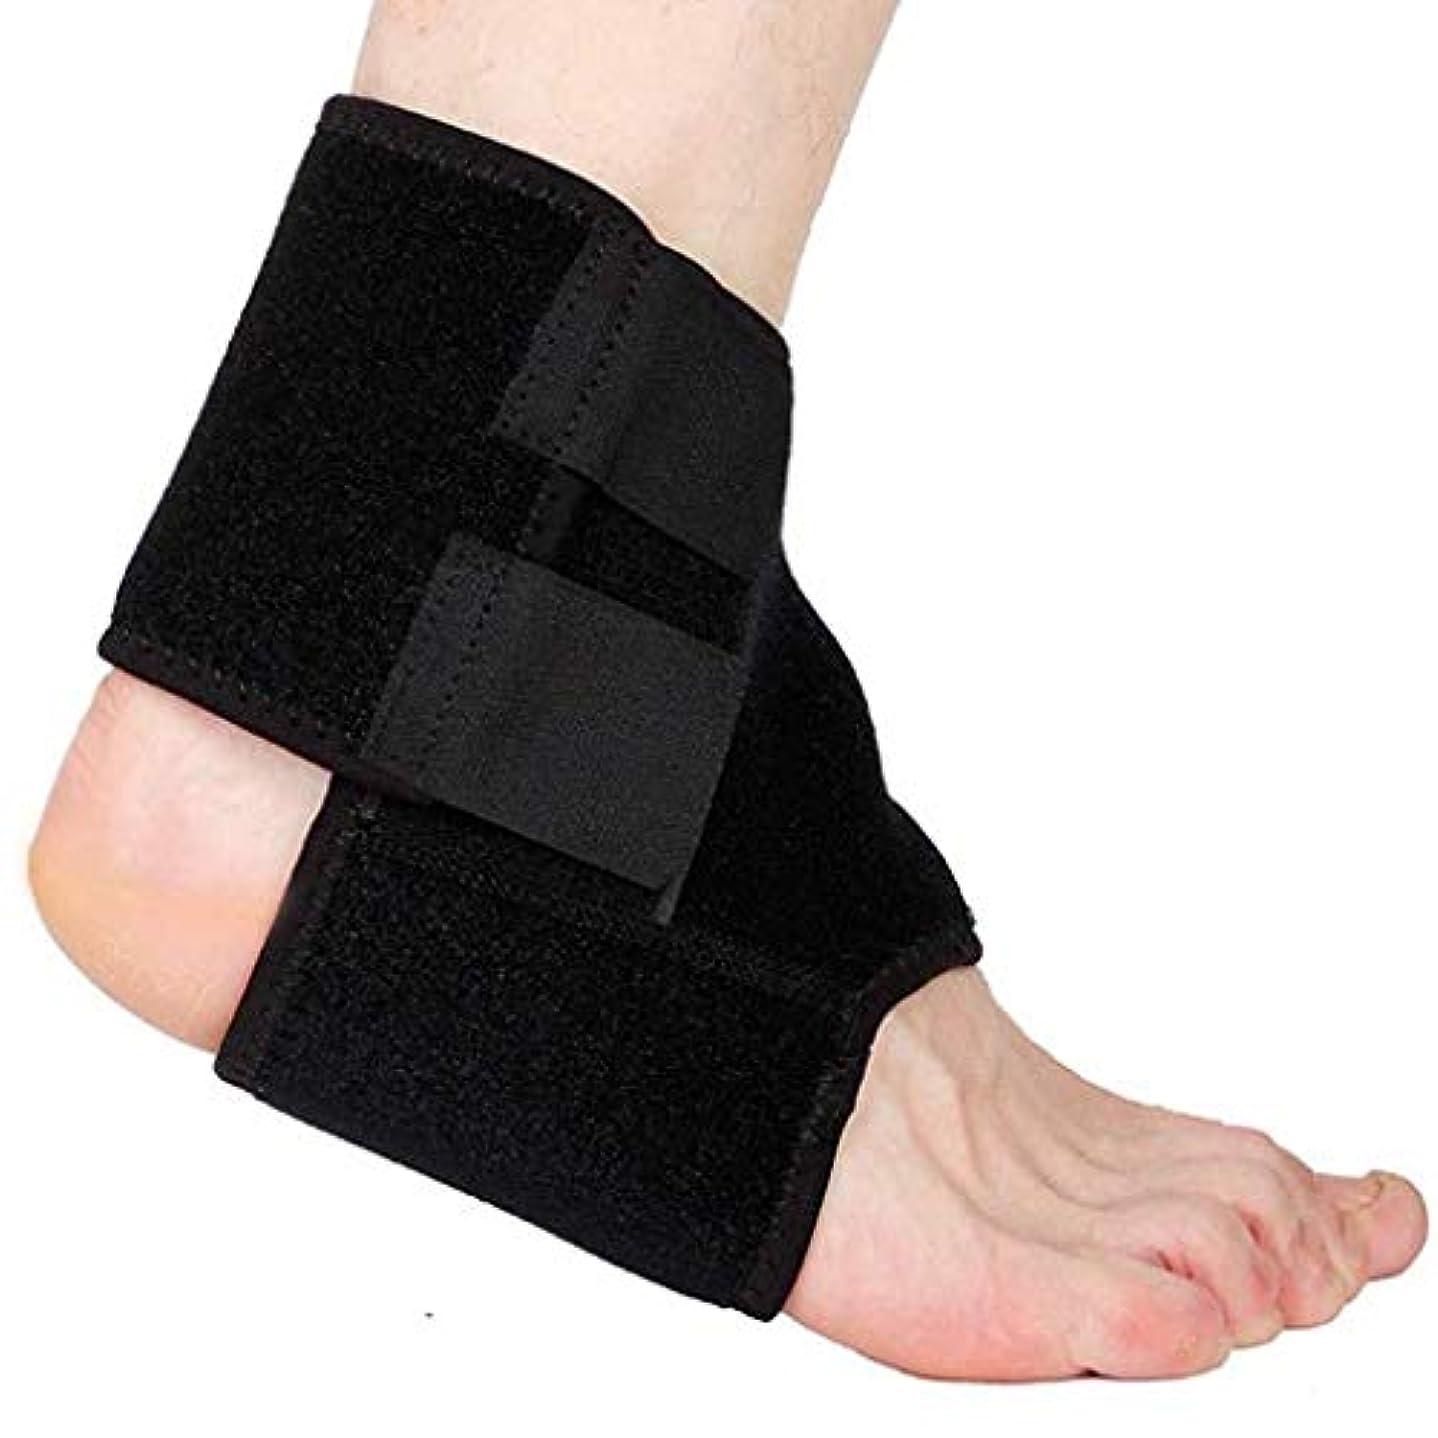 しばしば運動押し下げる足首のサポート、通気性と伸縮性のあるナイロン素材を使用した1組の足首固定具、快適な足首ラップスポーツが慢性的な足首の捻Sp疲労を防ぎます